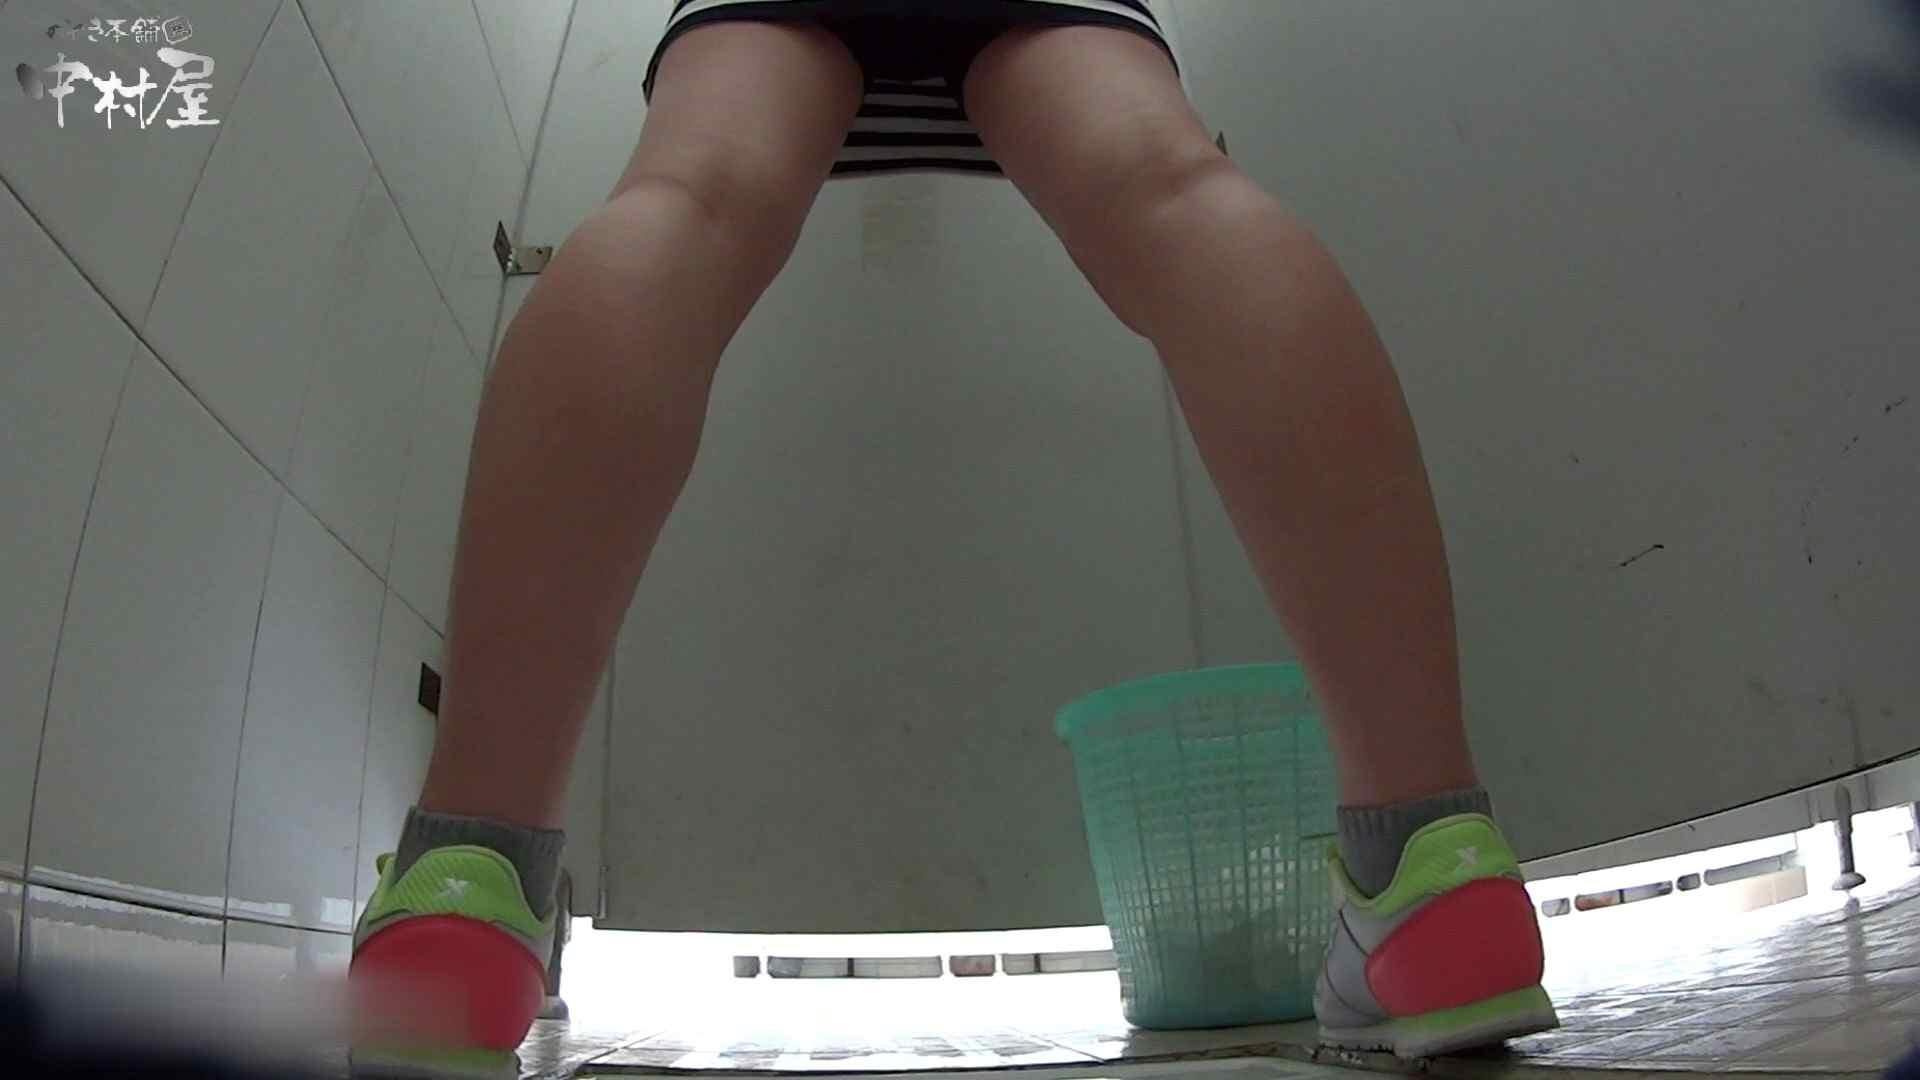 美しい女良たちのトイレ事情 有名大学休憩時間の洗面所事情06 高画質 | 美女  92pic 9